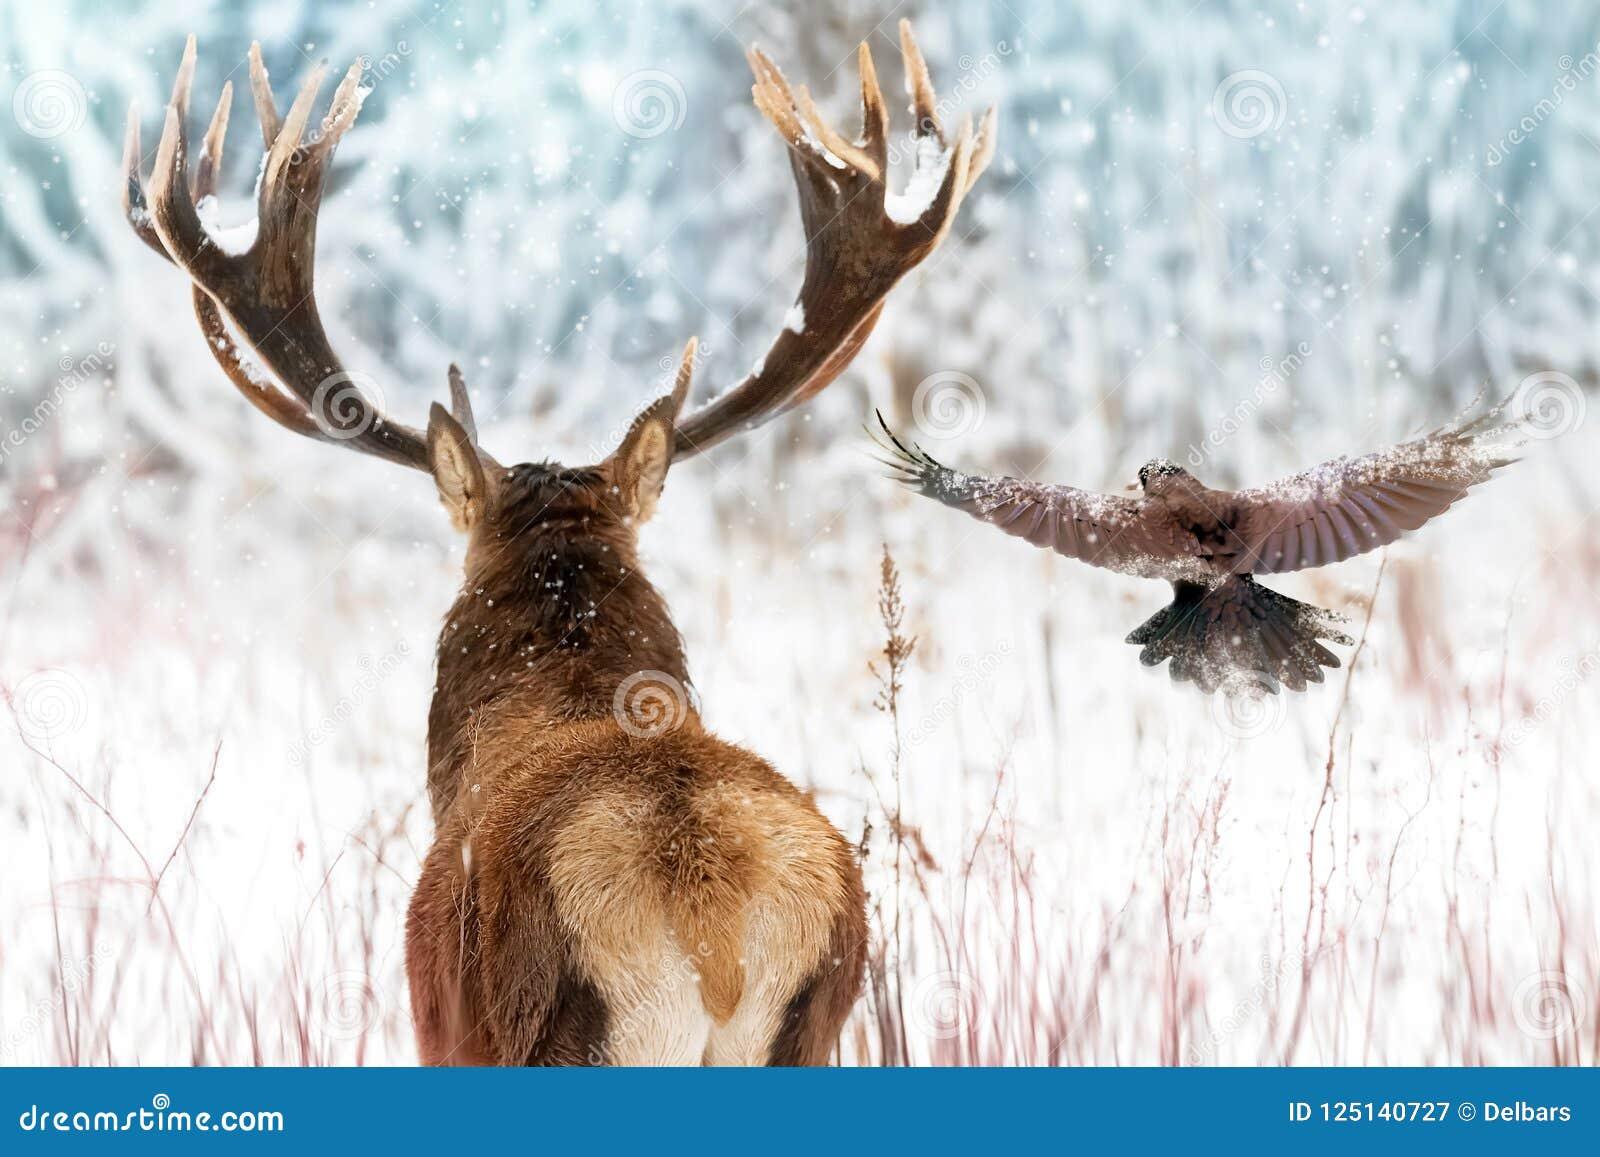 Cervi nobili con i grandi corni e corvo in volo in un immagine di inverno di Natale della foresta leggiadramente di inverno